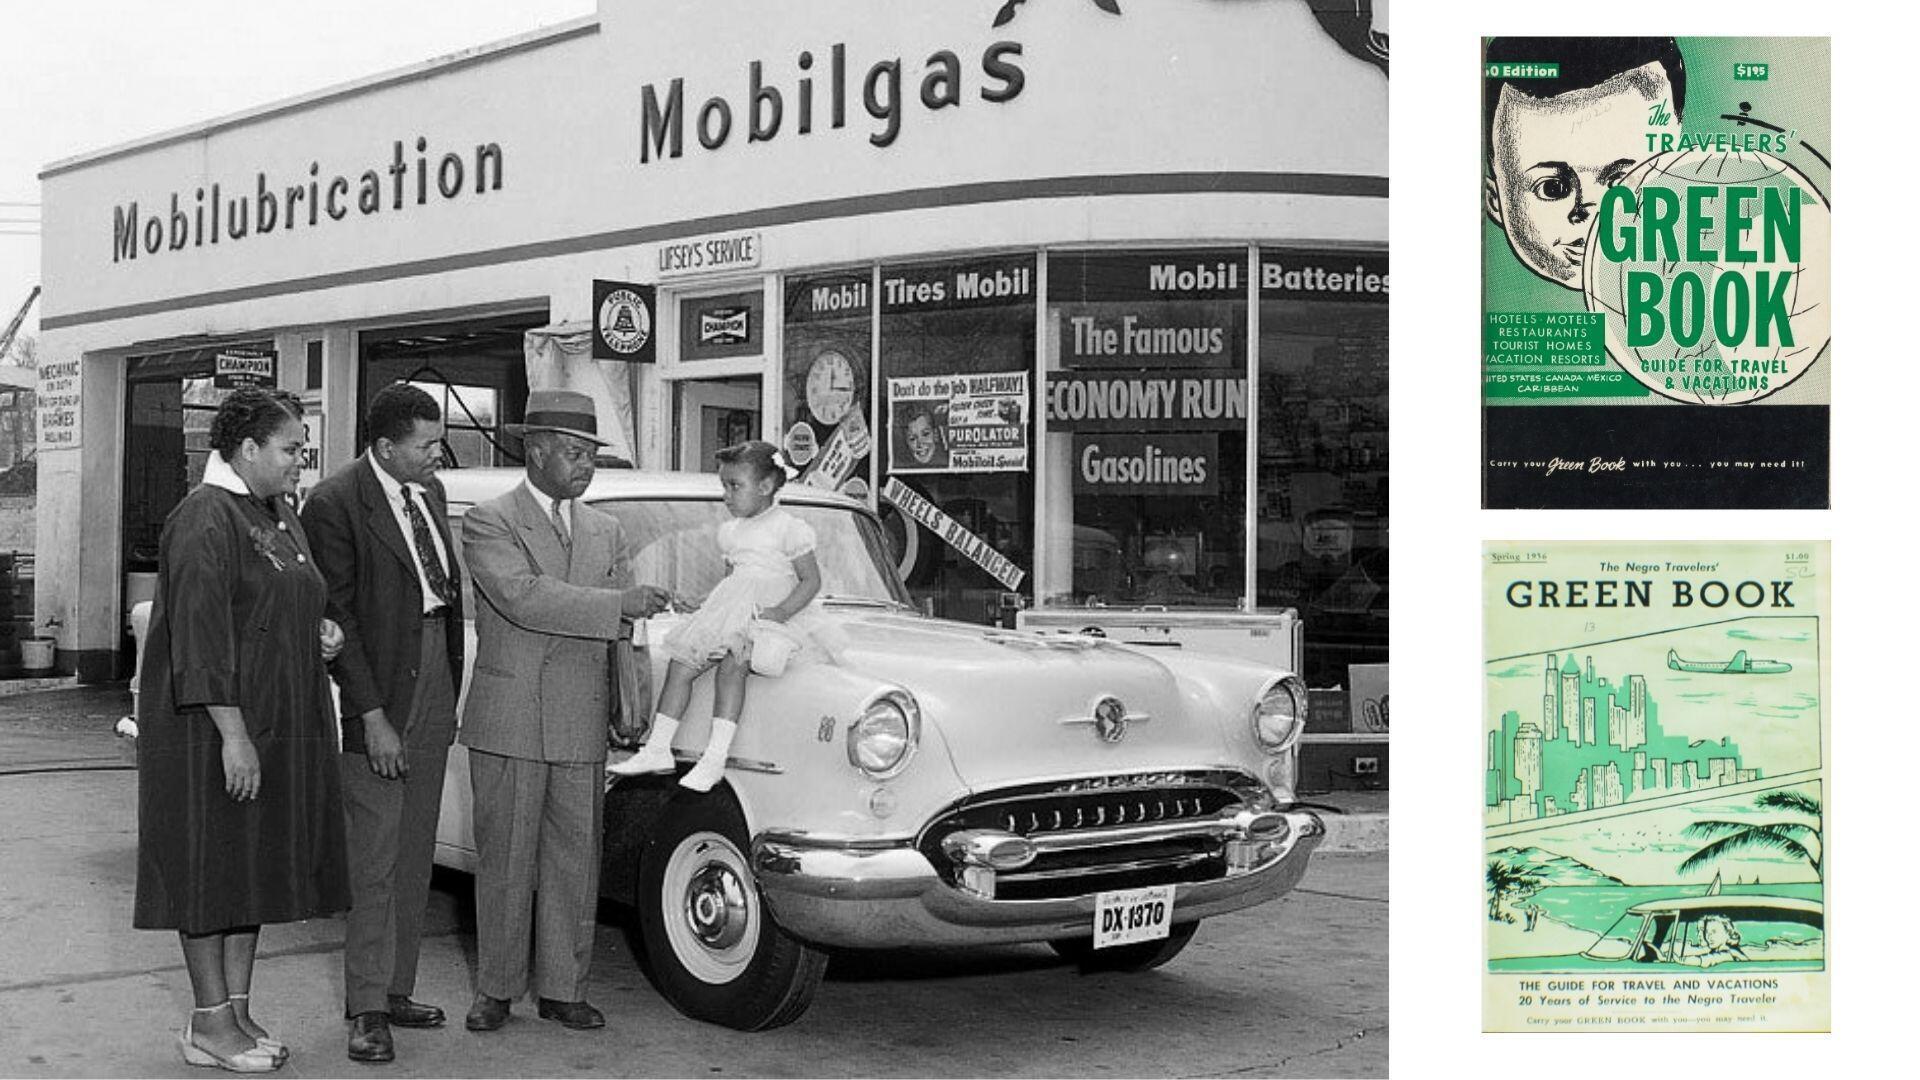 Le «Negro Motorist Green Book» était décrit comme la bible de l'automobiliste et voyageur noir sous les lois Jim Crow.